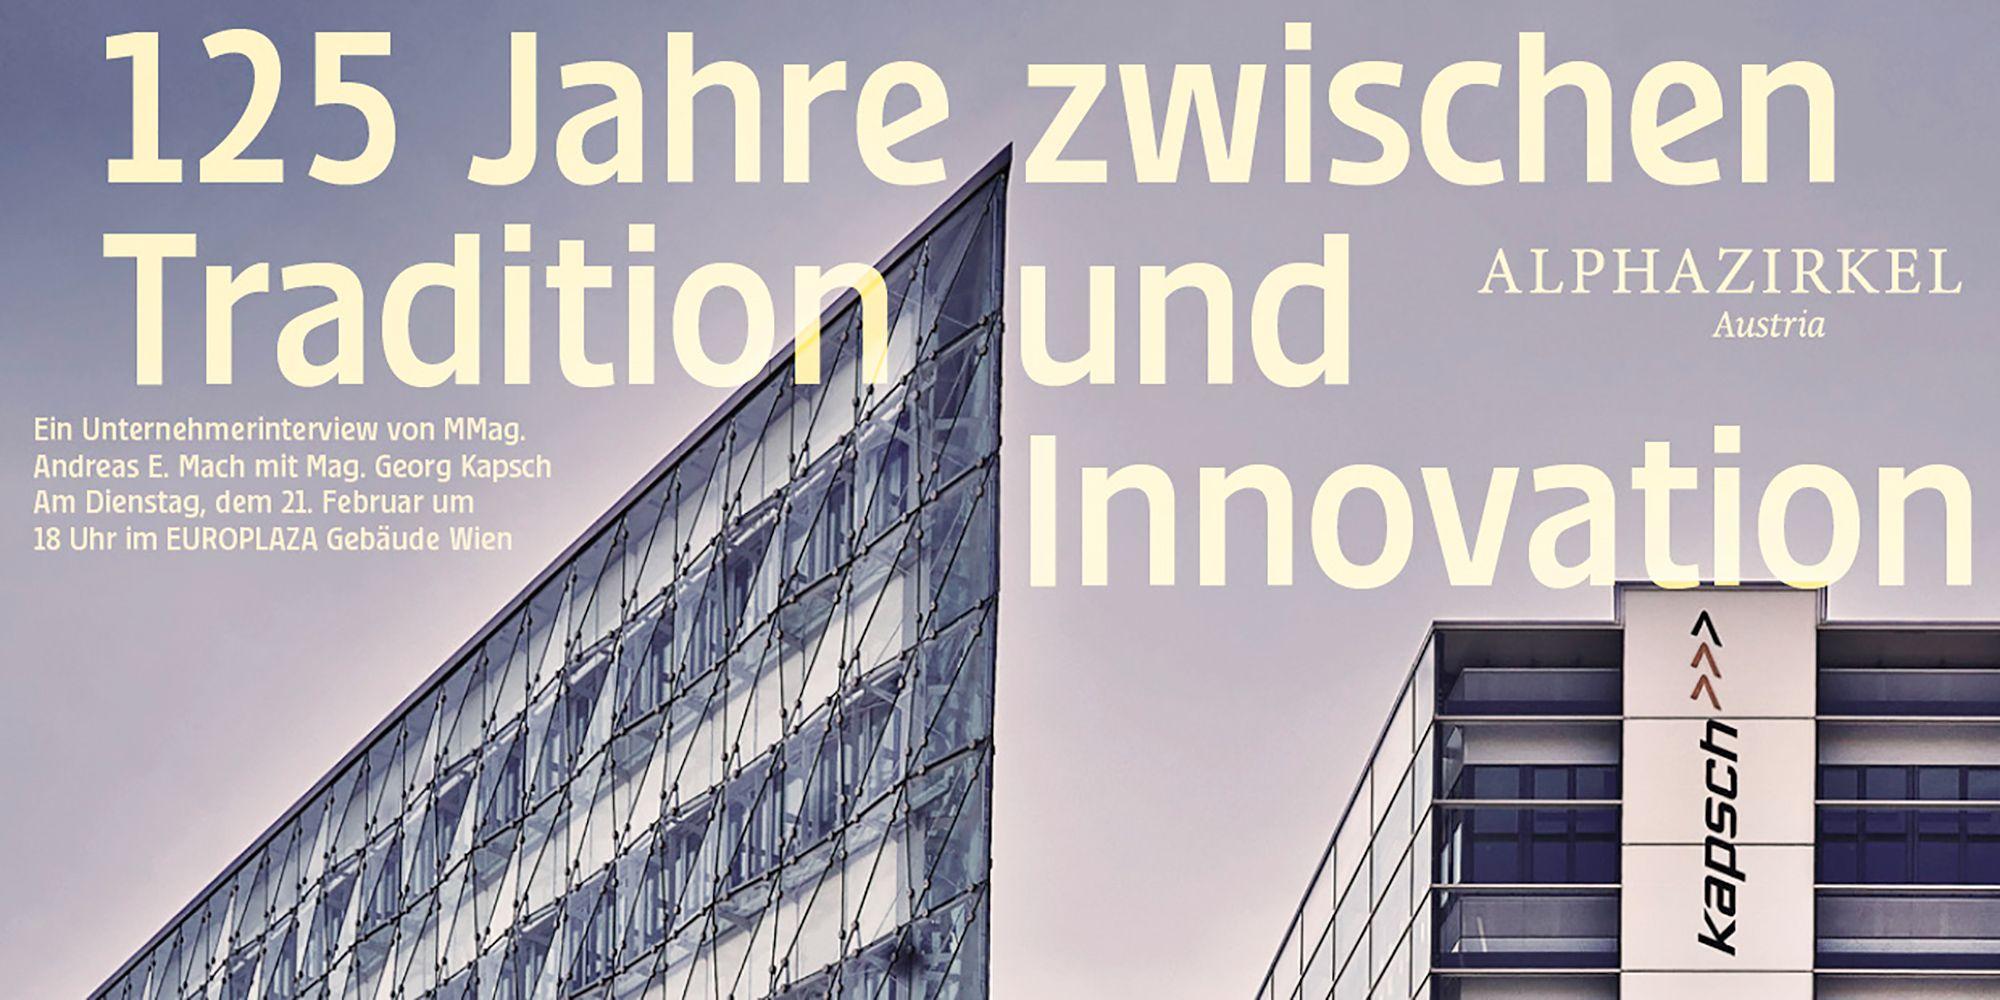 Az Kapsch Cover